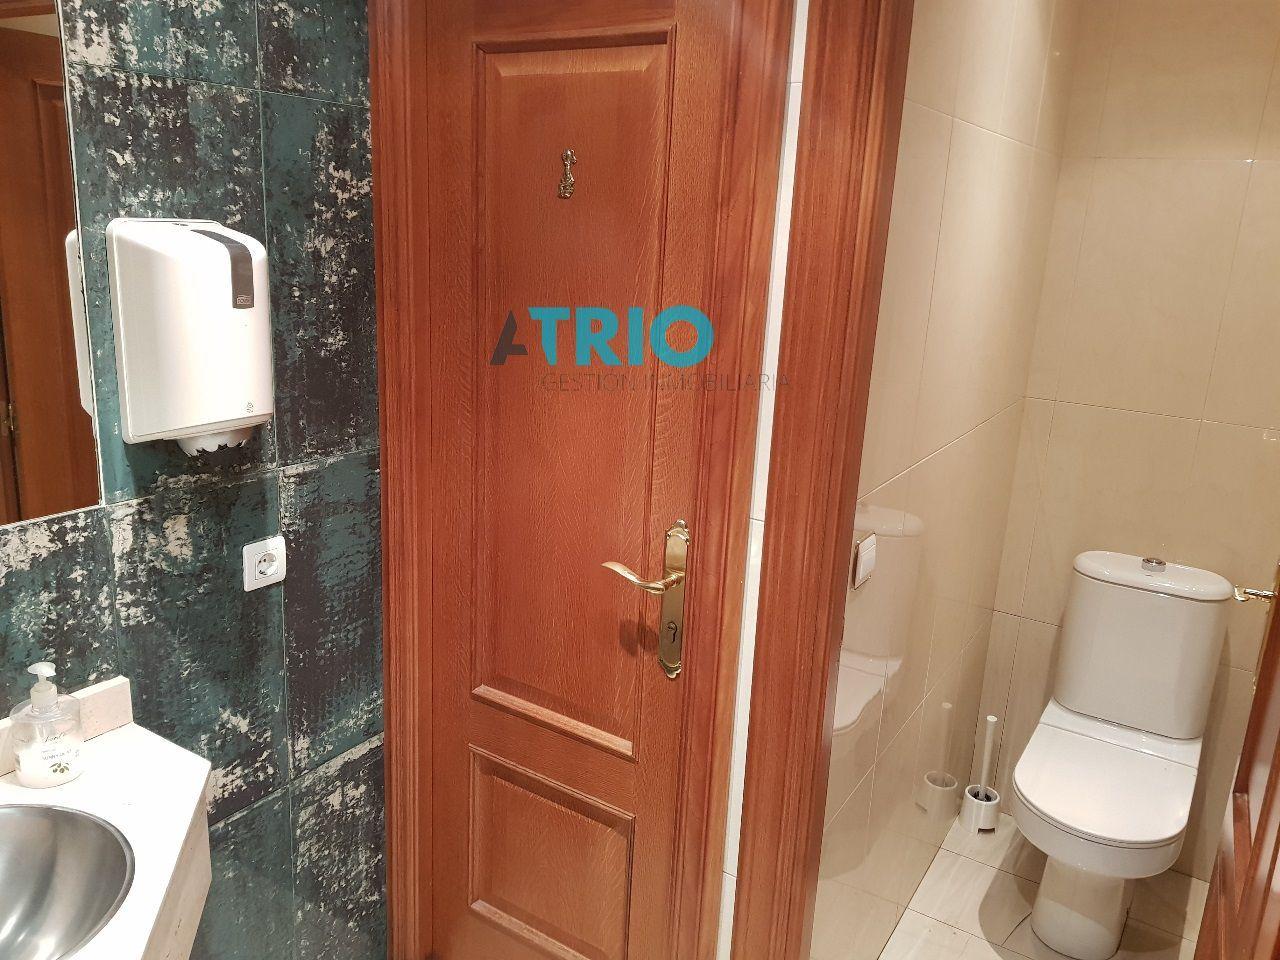 dia.mobiliagestion.es/Portals/inmoatrio/Images/6566/4103837